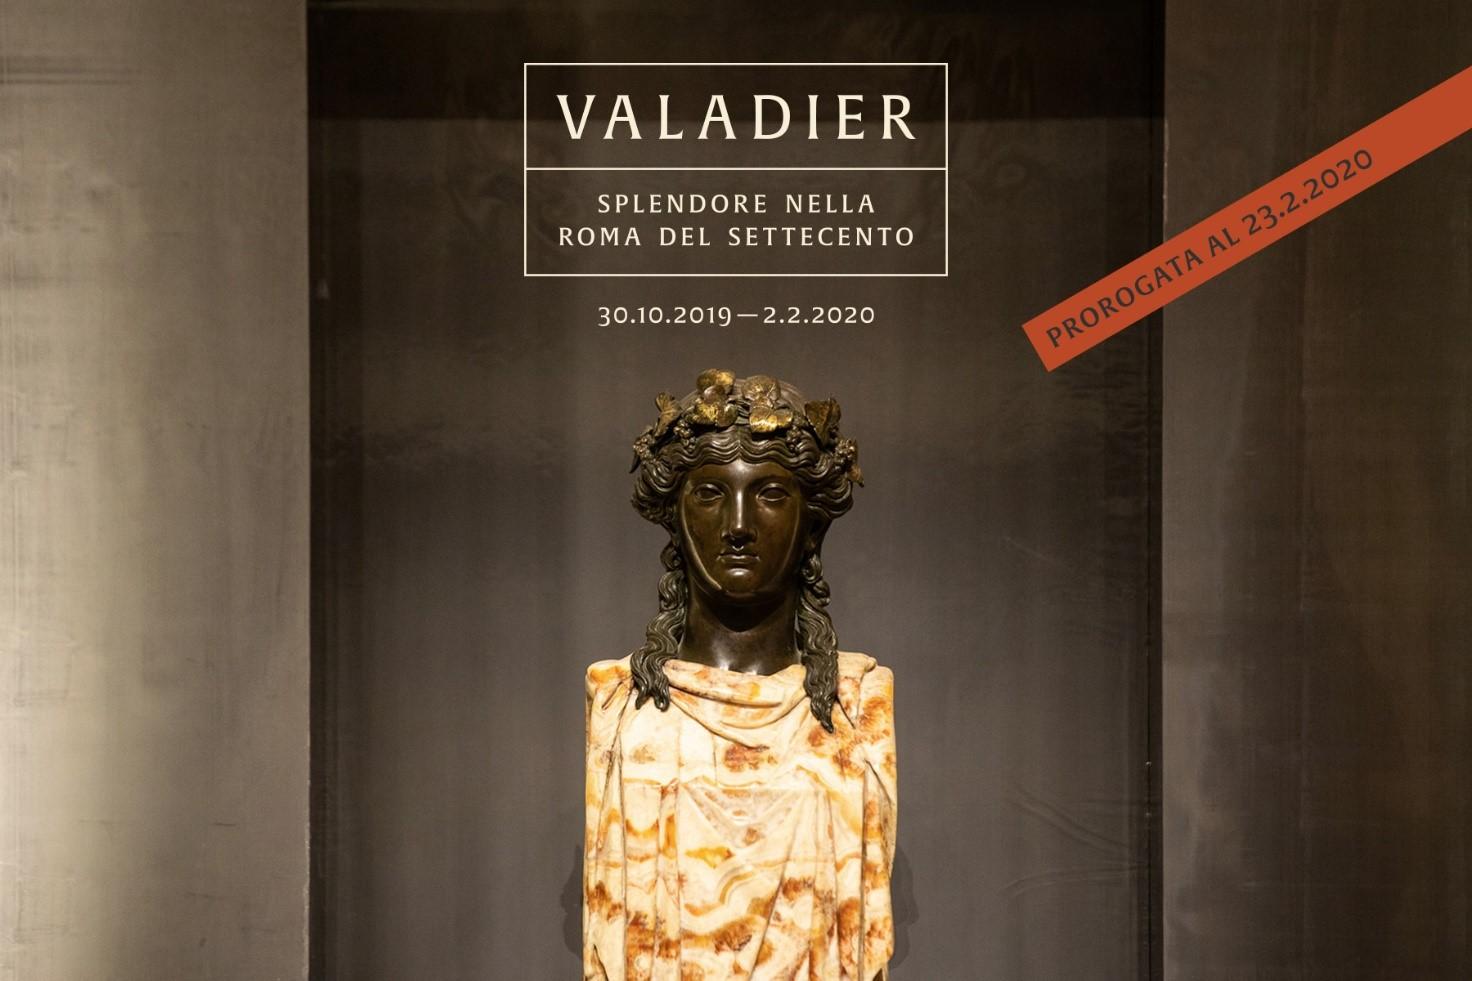 VALADIER. Splendore nella Roma del Settecento